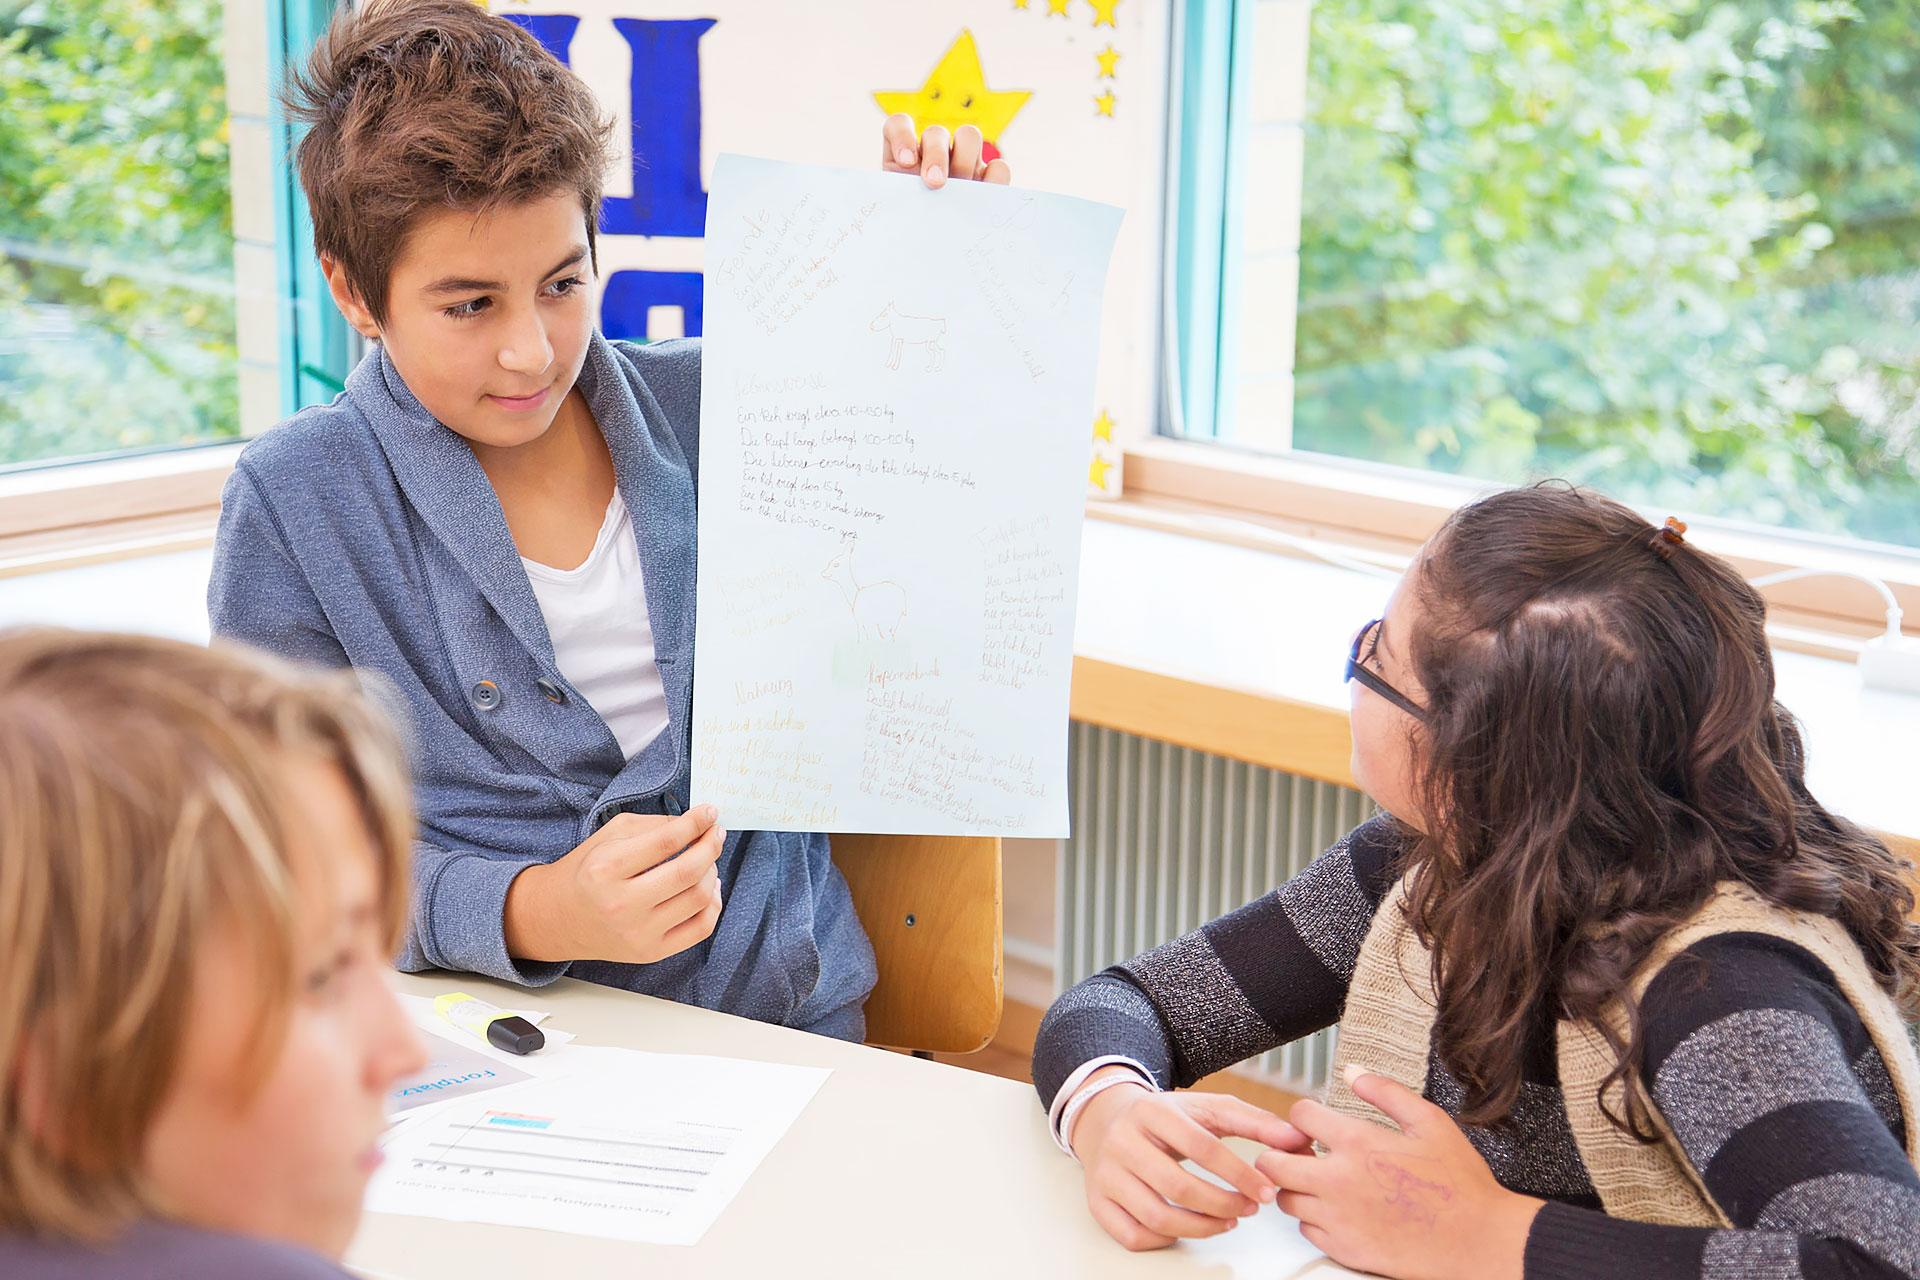 Schüler präsentiert einer Mitschülerin sein Plakat zur Tiervorstellung am Gruppentisch